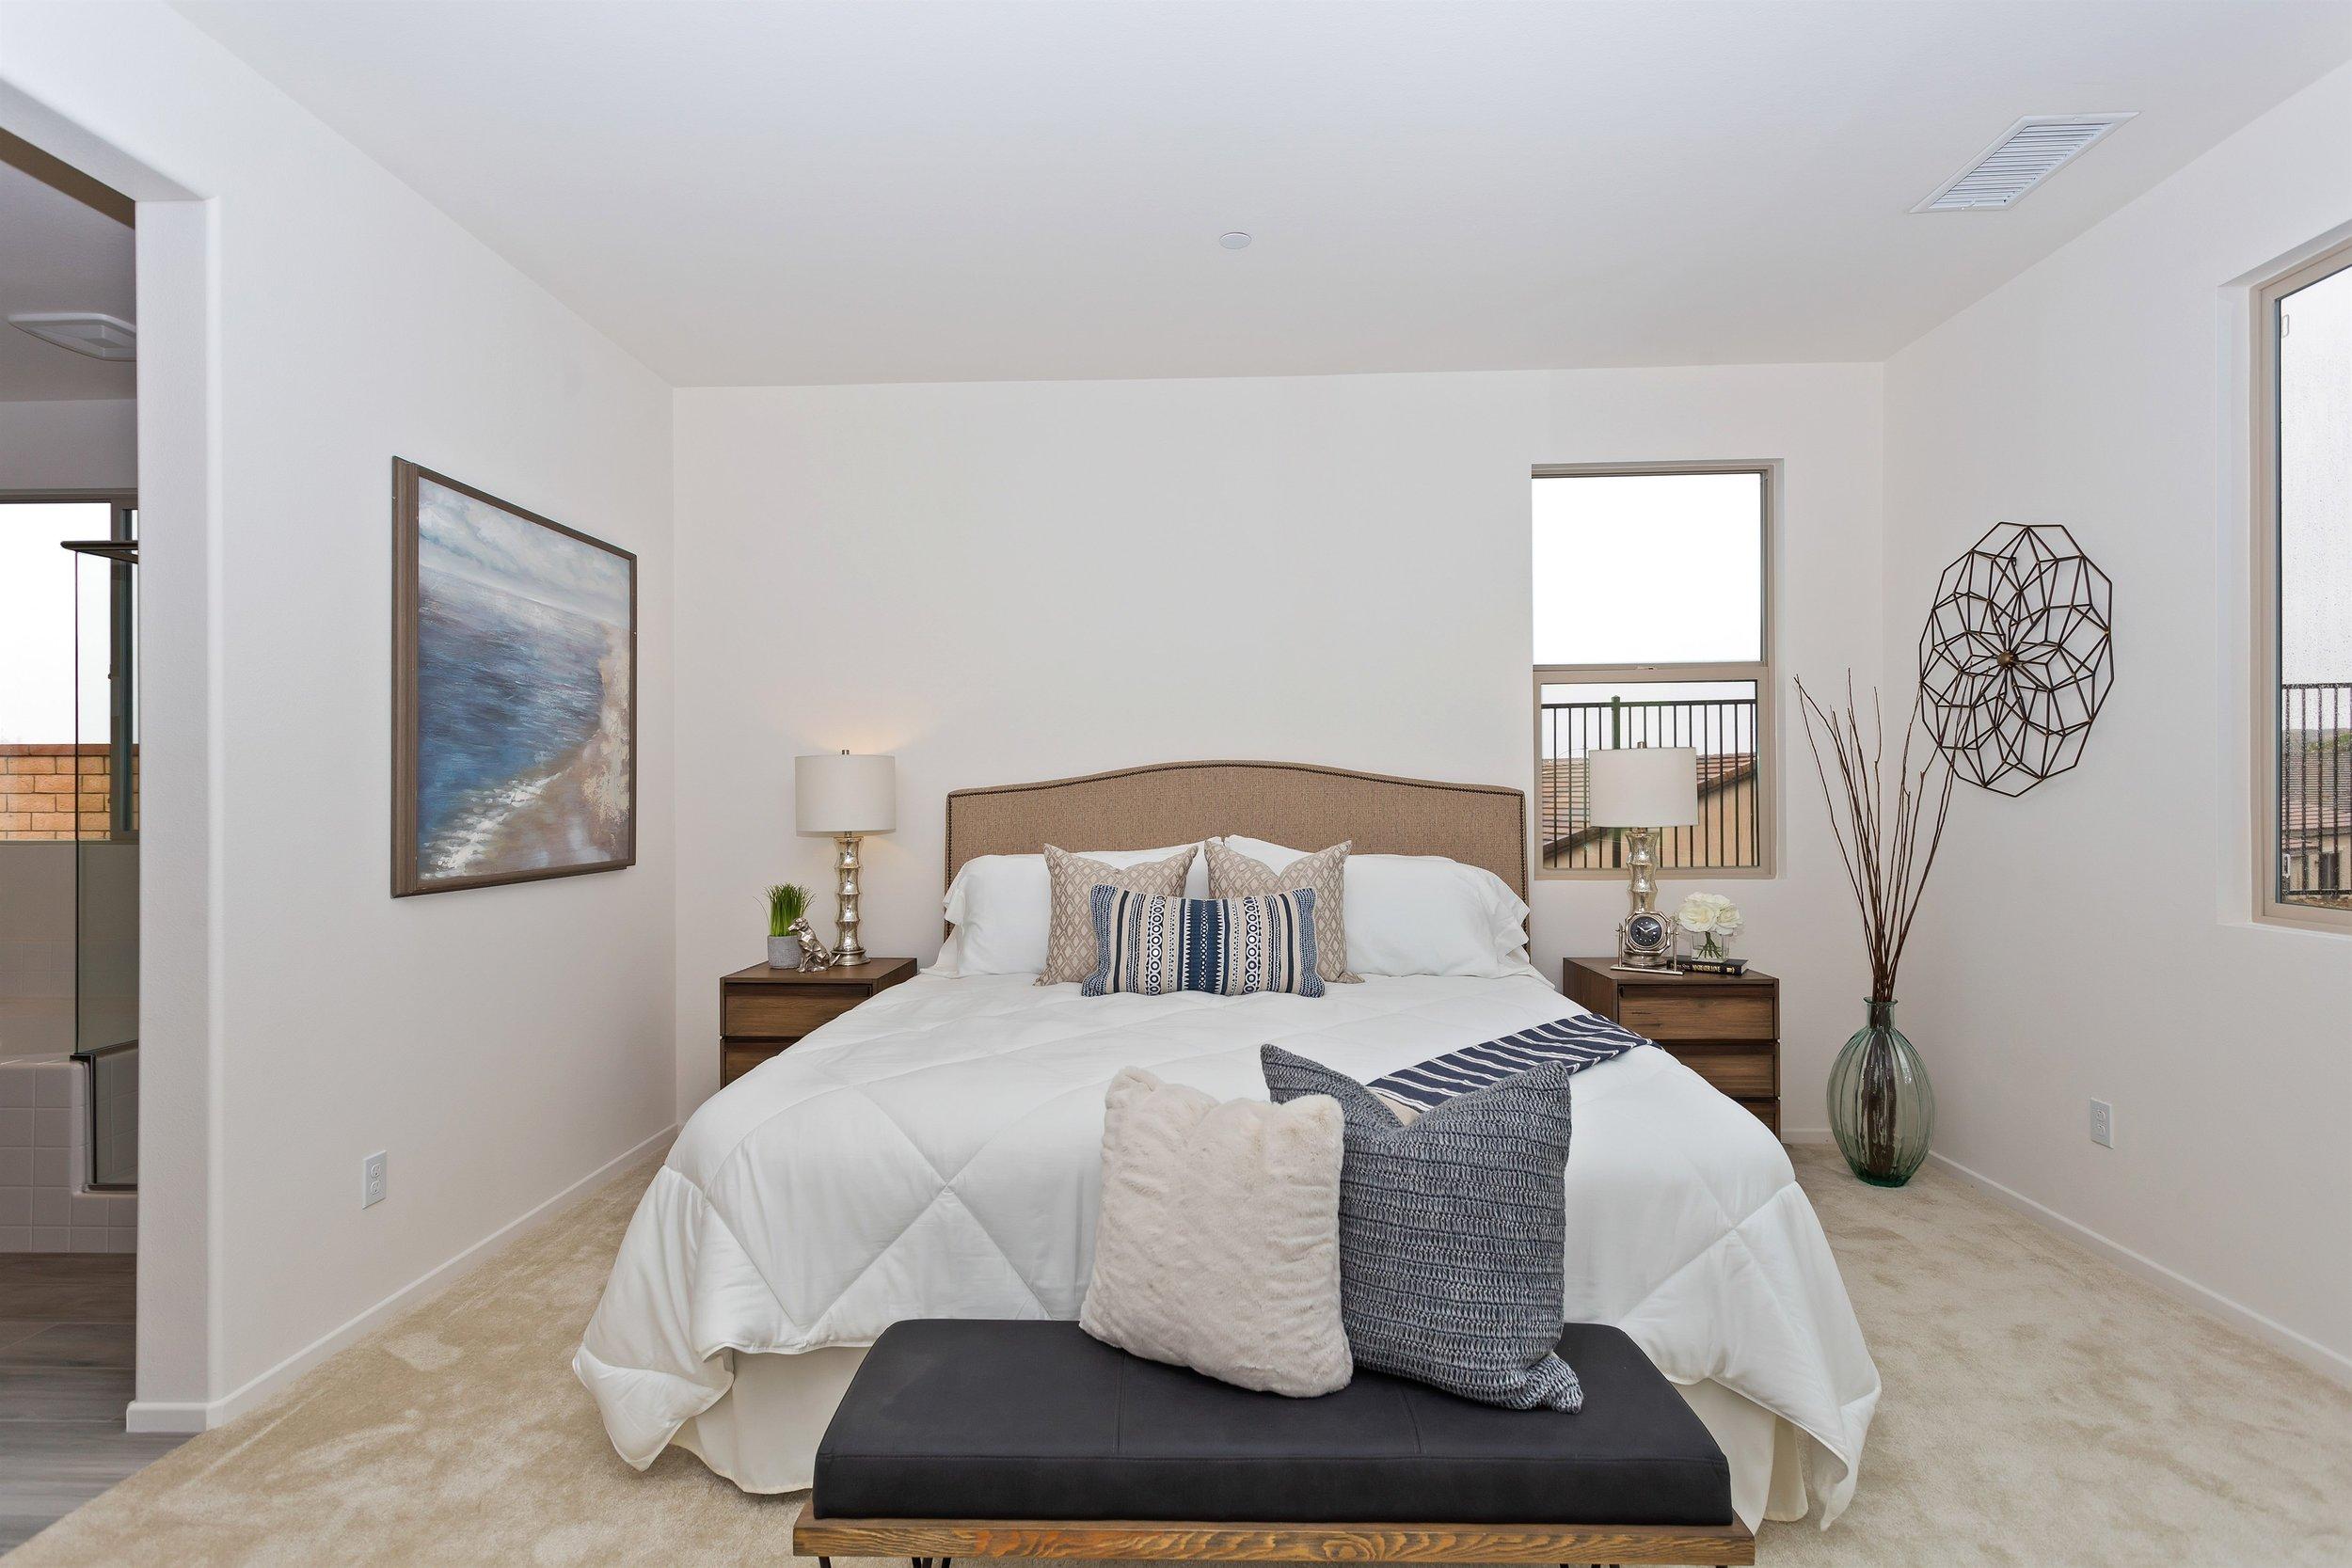 031_Master Bedroom .jpg